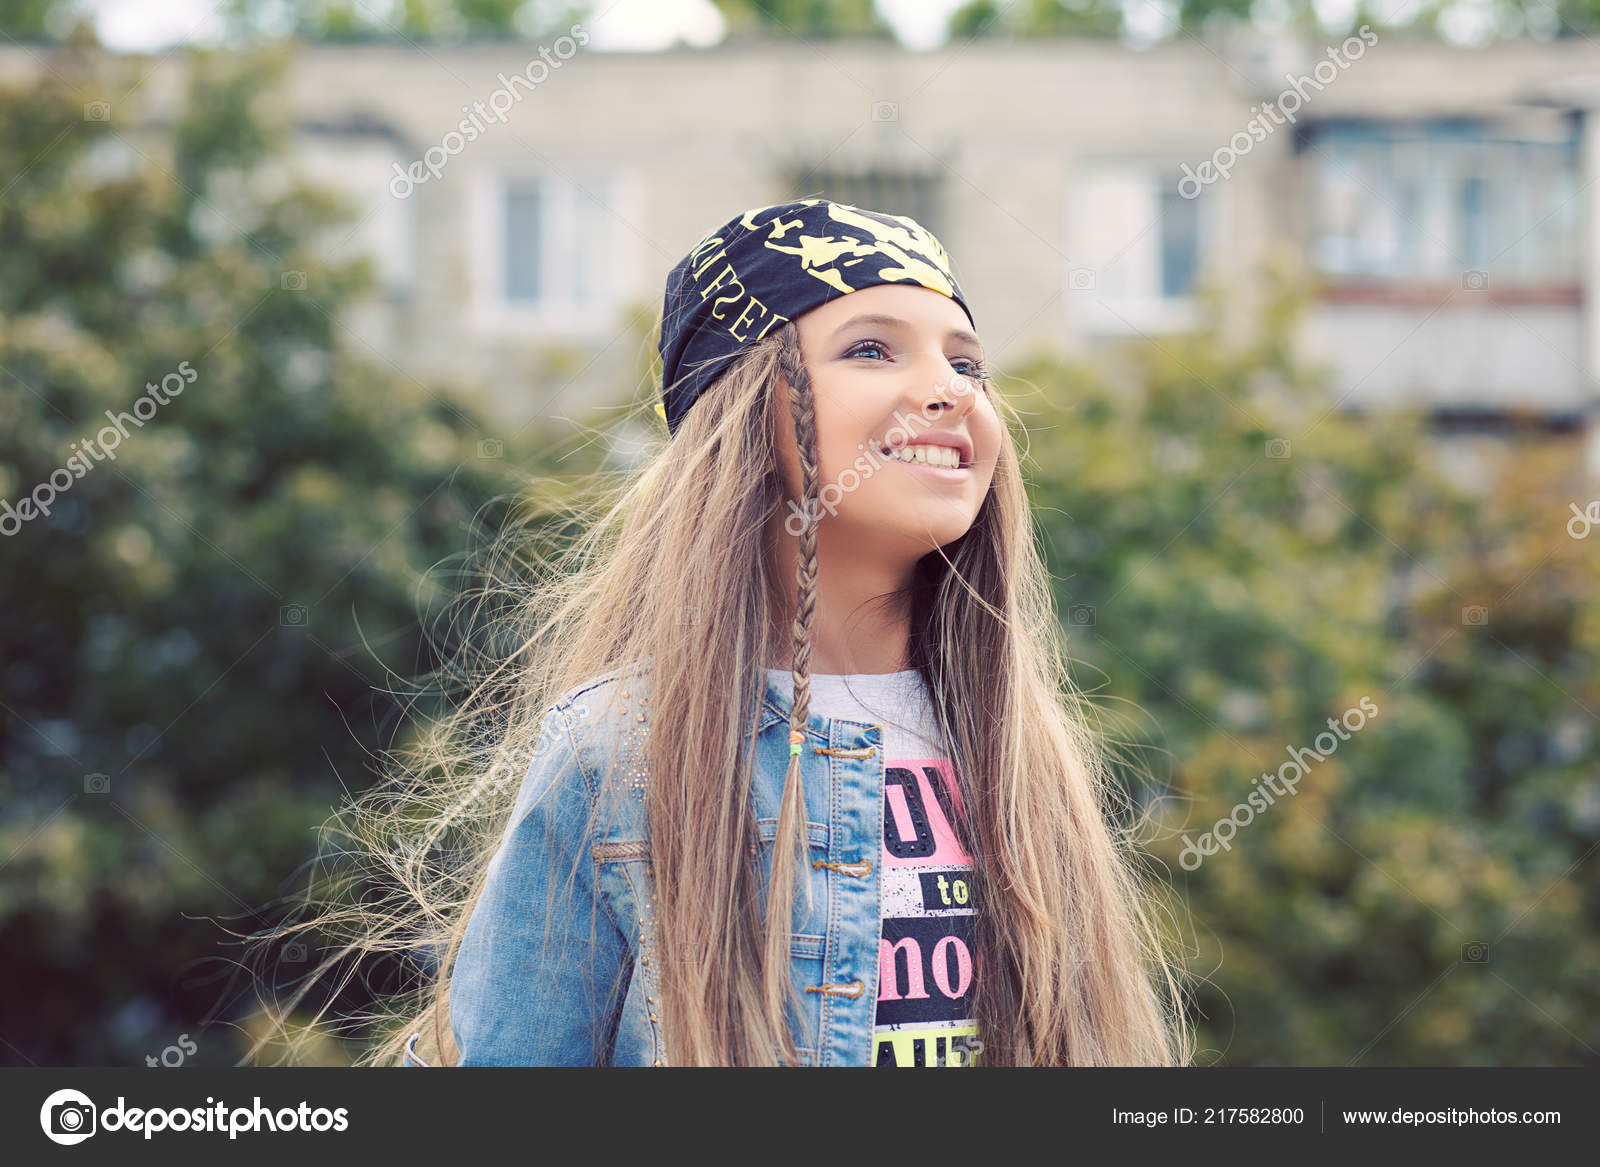 Adolescente Linda Feliz Parque Aproveitando Verão Vida